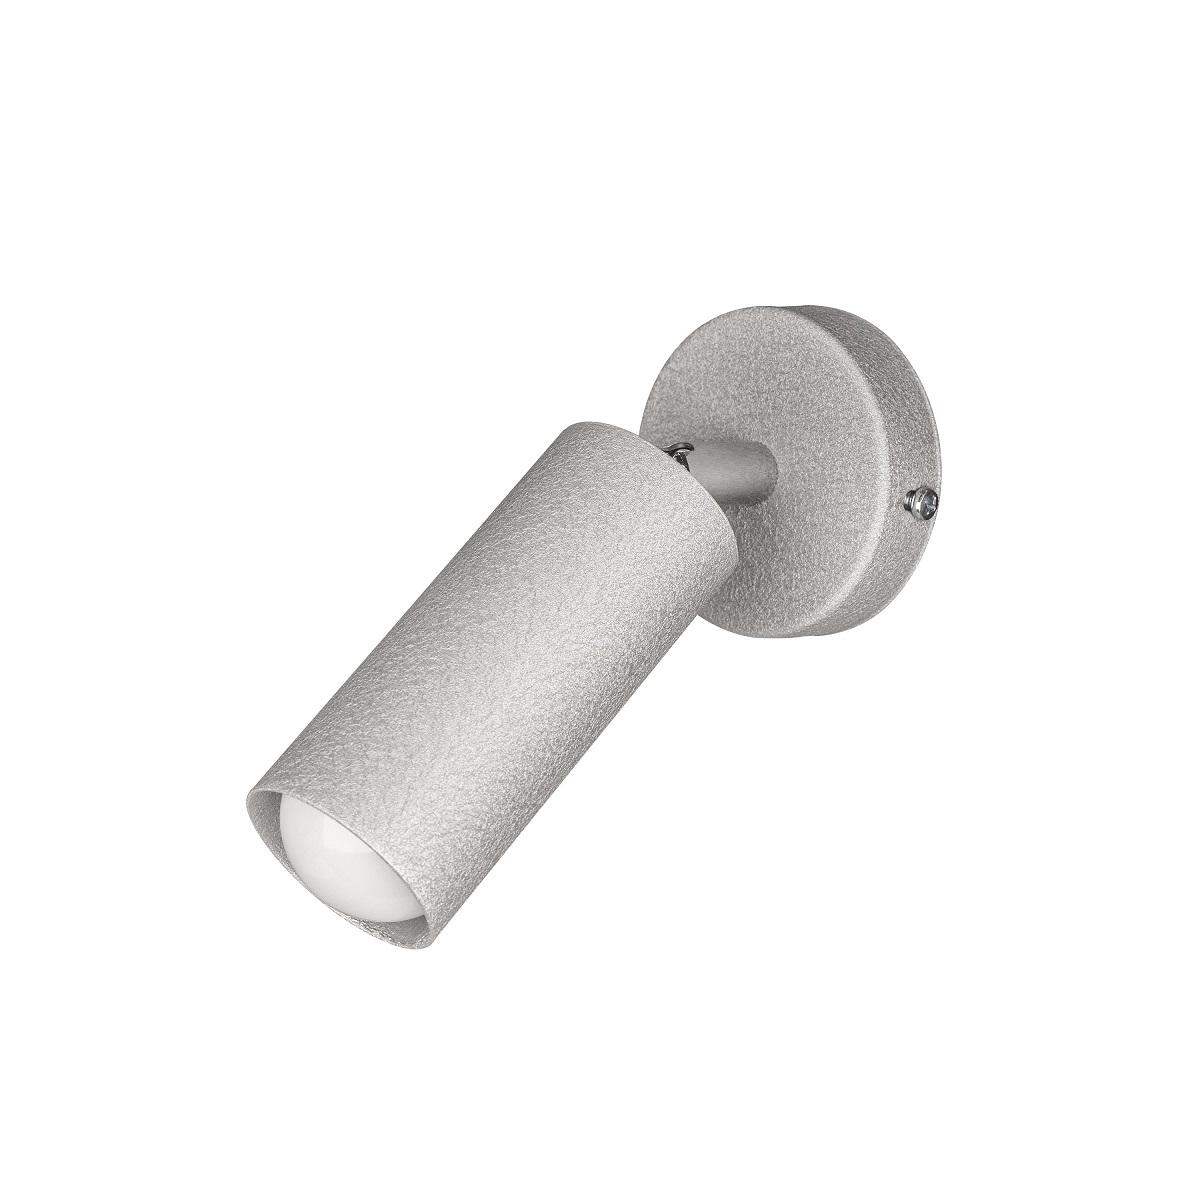 Світильники ЛОФТ - Люстра лофт потолочная с поворотным плафоном 000002753 - Фото 1